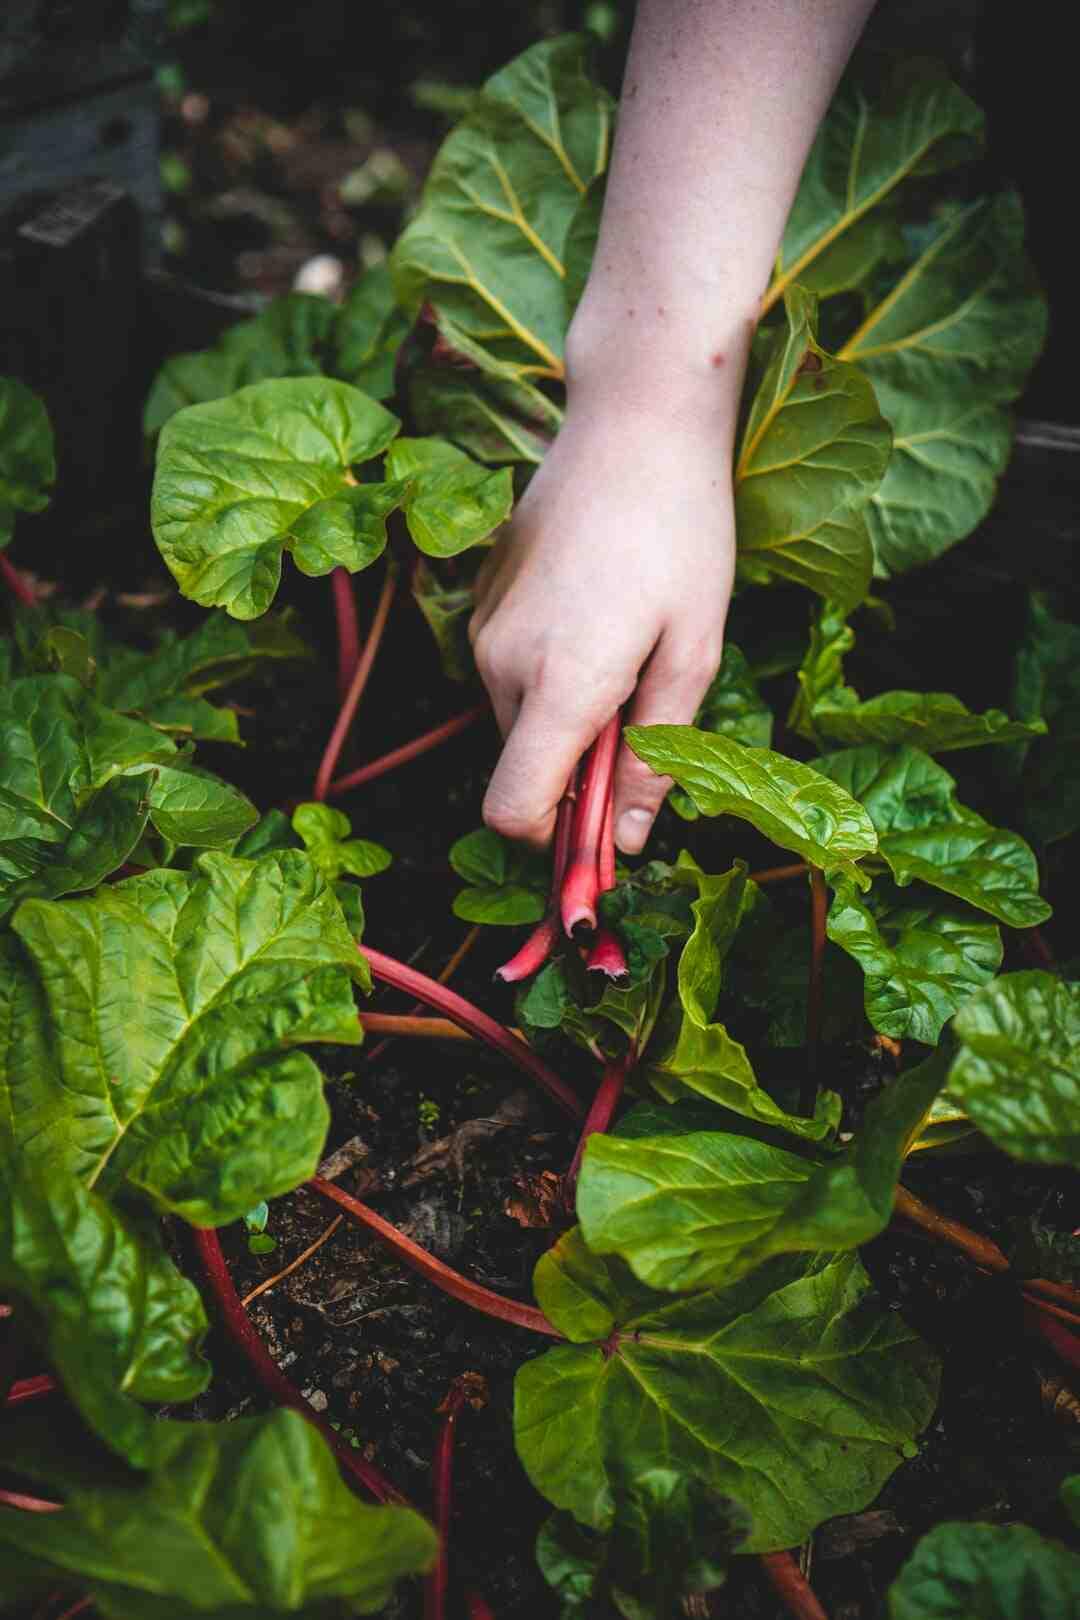 Comment créer un terrarium végétal (jardin en bouteille)